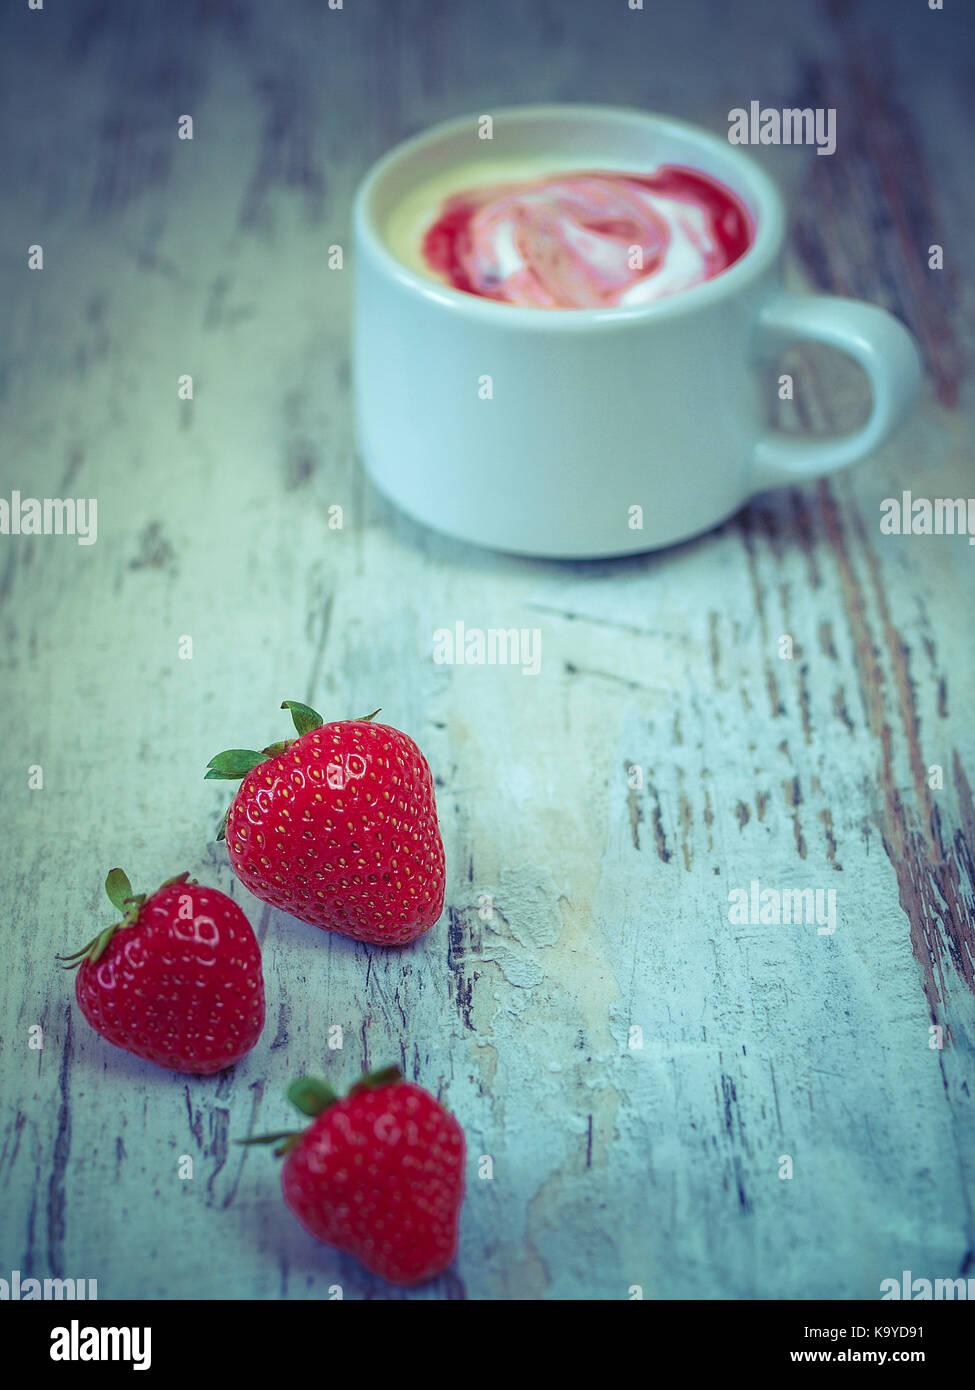 Strawberries yoghurt - Stock Image